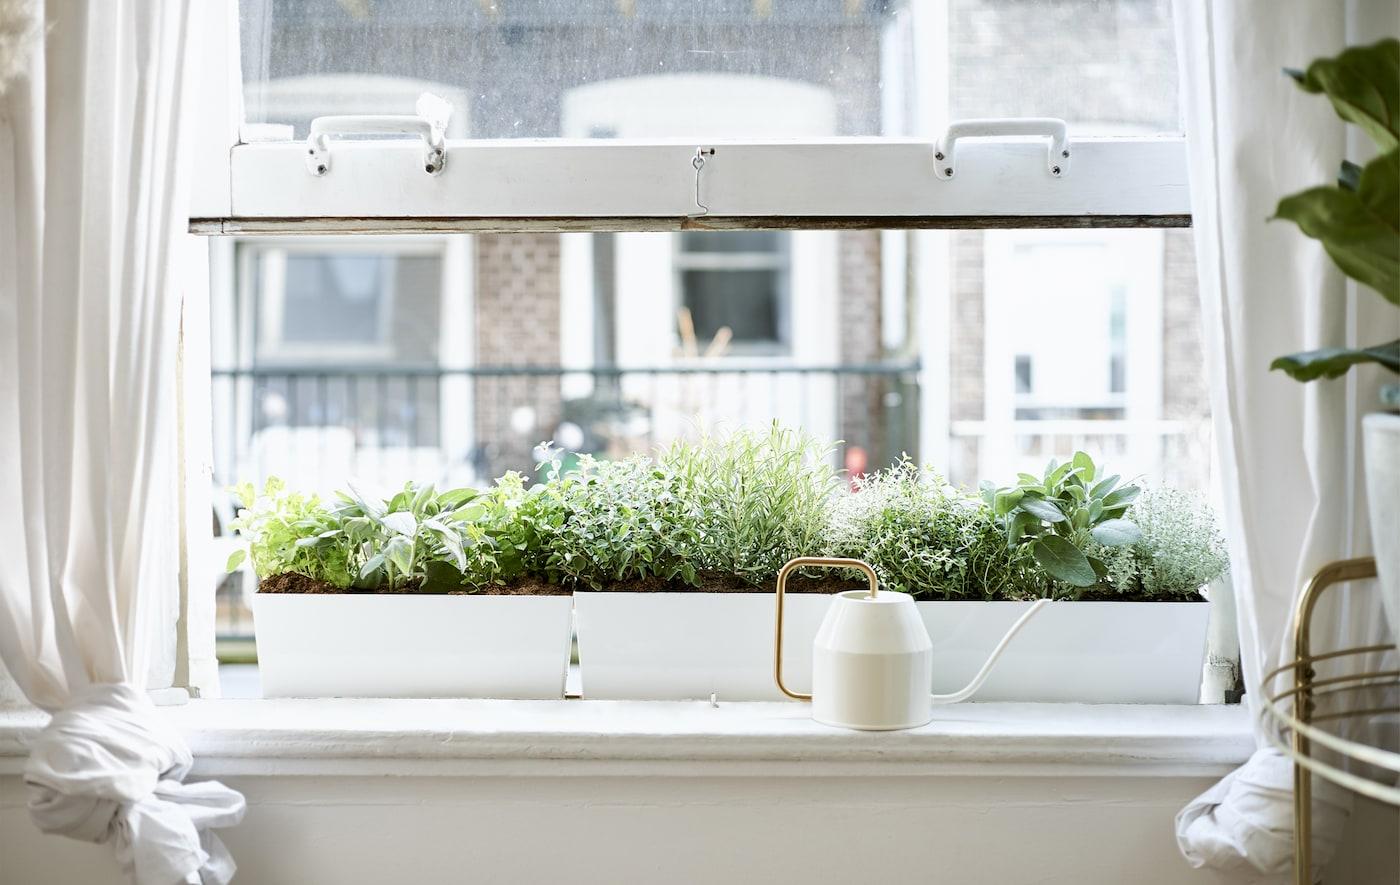 Åbent vindue med en elfenbens- og guldfarvet vandkande i en hvid vindueskarm foran altankasser fyldt med planter.